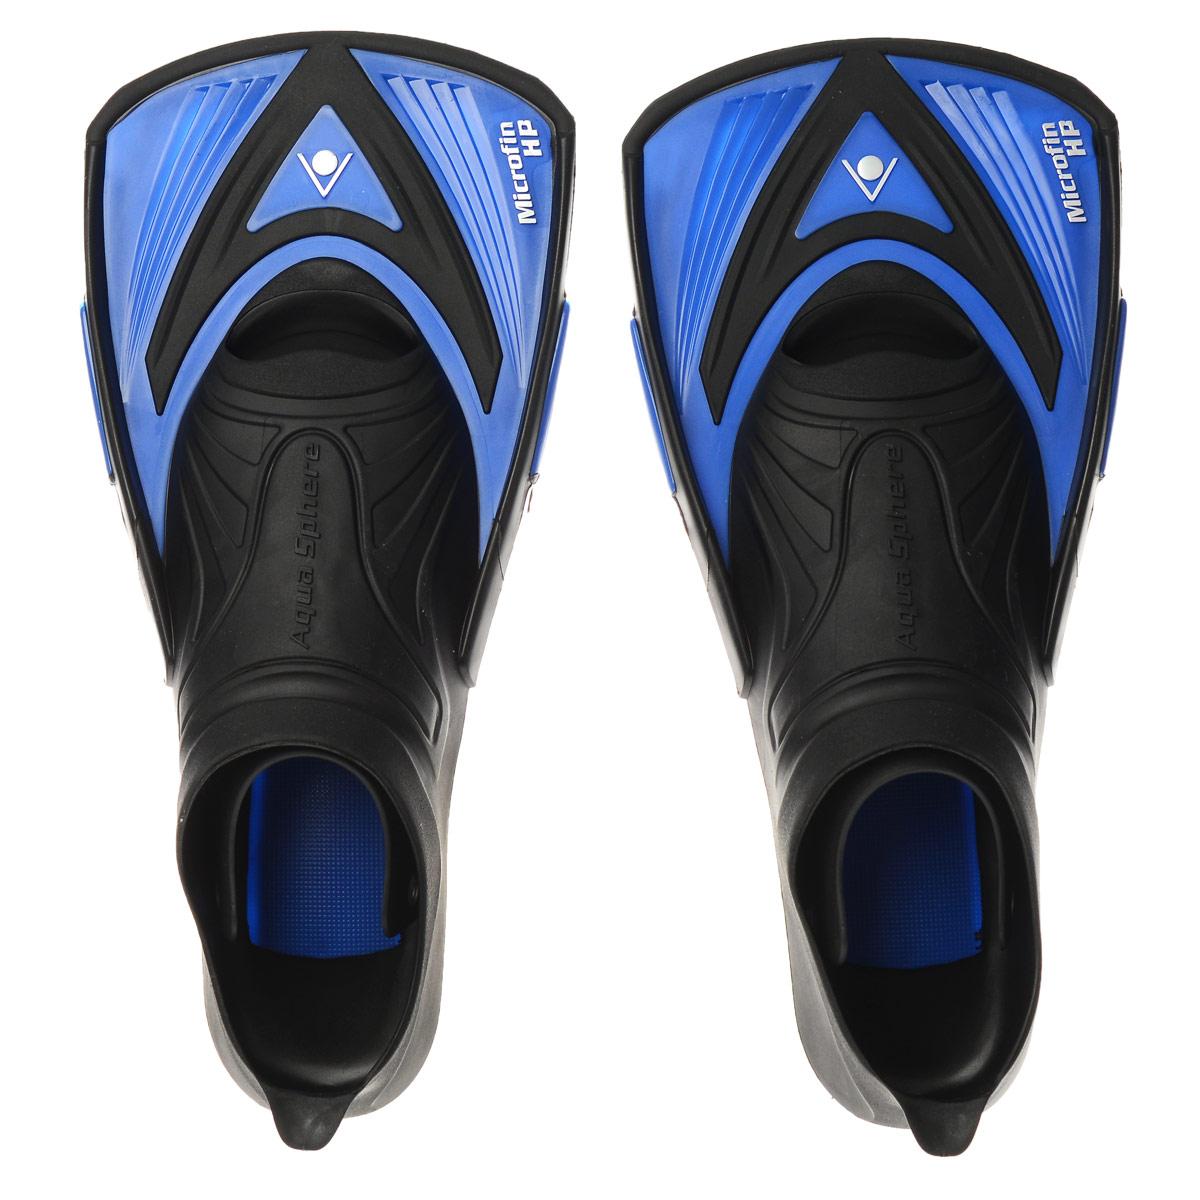 Ласты тренировочные Aqua Sphere Microfin HP, цвет: синий, черный. Размер 38/39TN 1003312 (549780)Aqua Sphere Microfin HP - это ласты для энергичной манеры плавания, предназначенные для серьезных спортивных тренировок. Уникальный дизайн ласт обеспечивает достаточное сопротивление воды для силовых тренировок и поддерживает ноги близко к поверхности воды - таким образом, пловец занимает правильное положение, гарантирующее максимальную обтекаемость. Особенности:Галоша с закрытой пяткой выполнена из прочного термопластика.Короткие лопасти удерживают ноги пловца близко к поверхности воды.Позволяют развивать силу мышц и поддерживать их в тонусе, одновременно совершенствуя технику плавания.